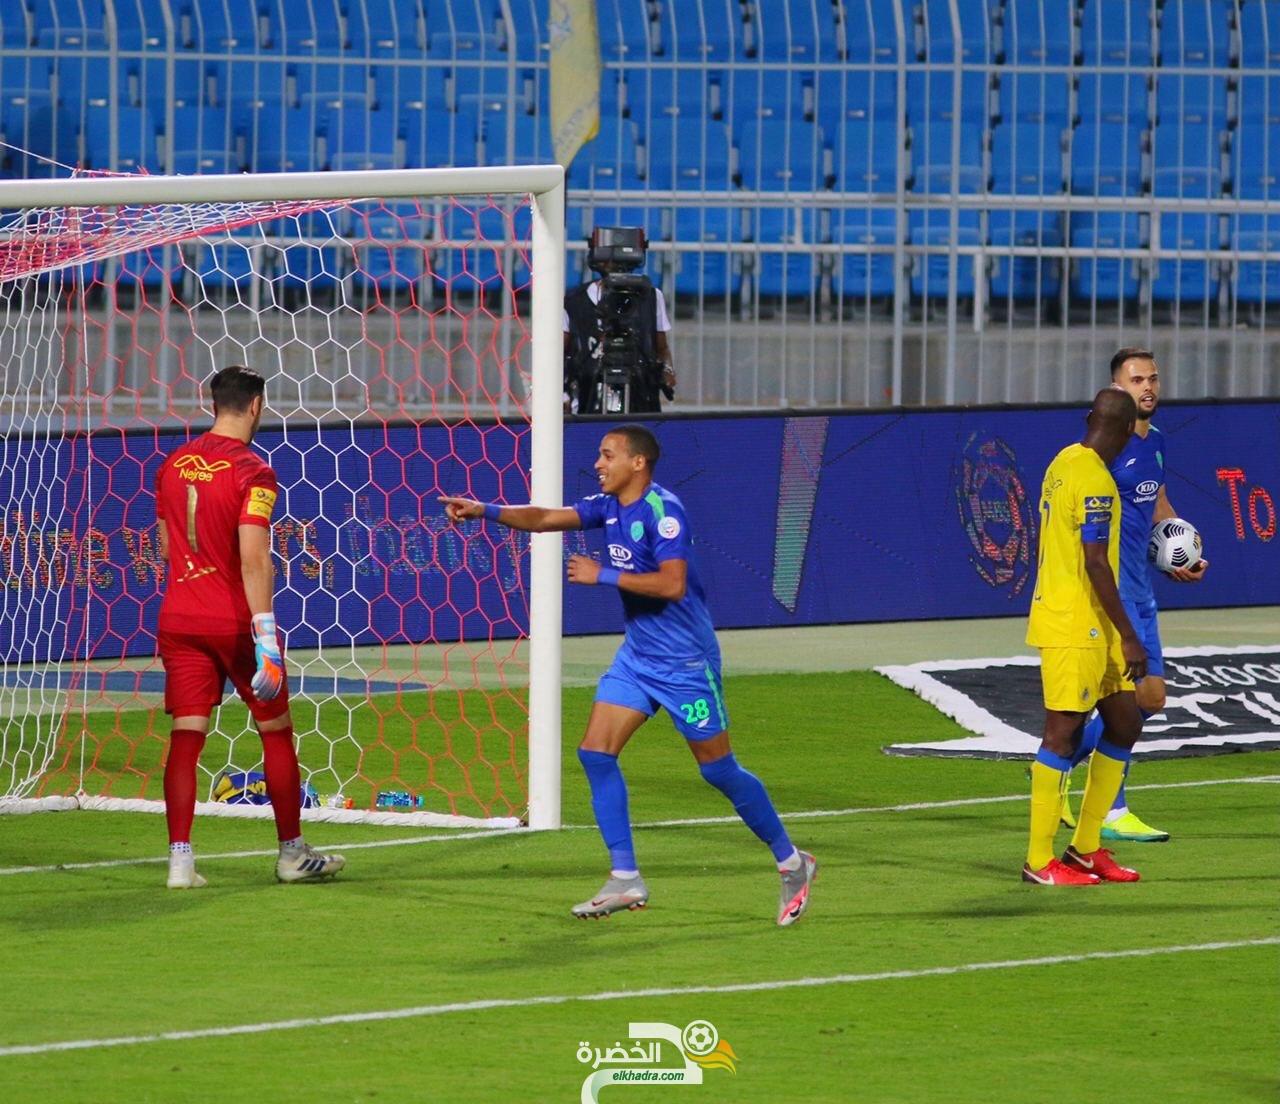 ثنائية بن دبكة تقود ناديه الفتح للفوز على مضيفه النصر 28